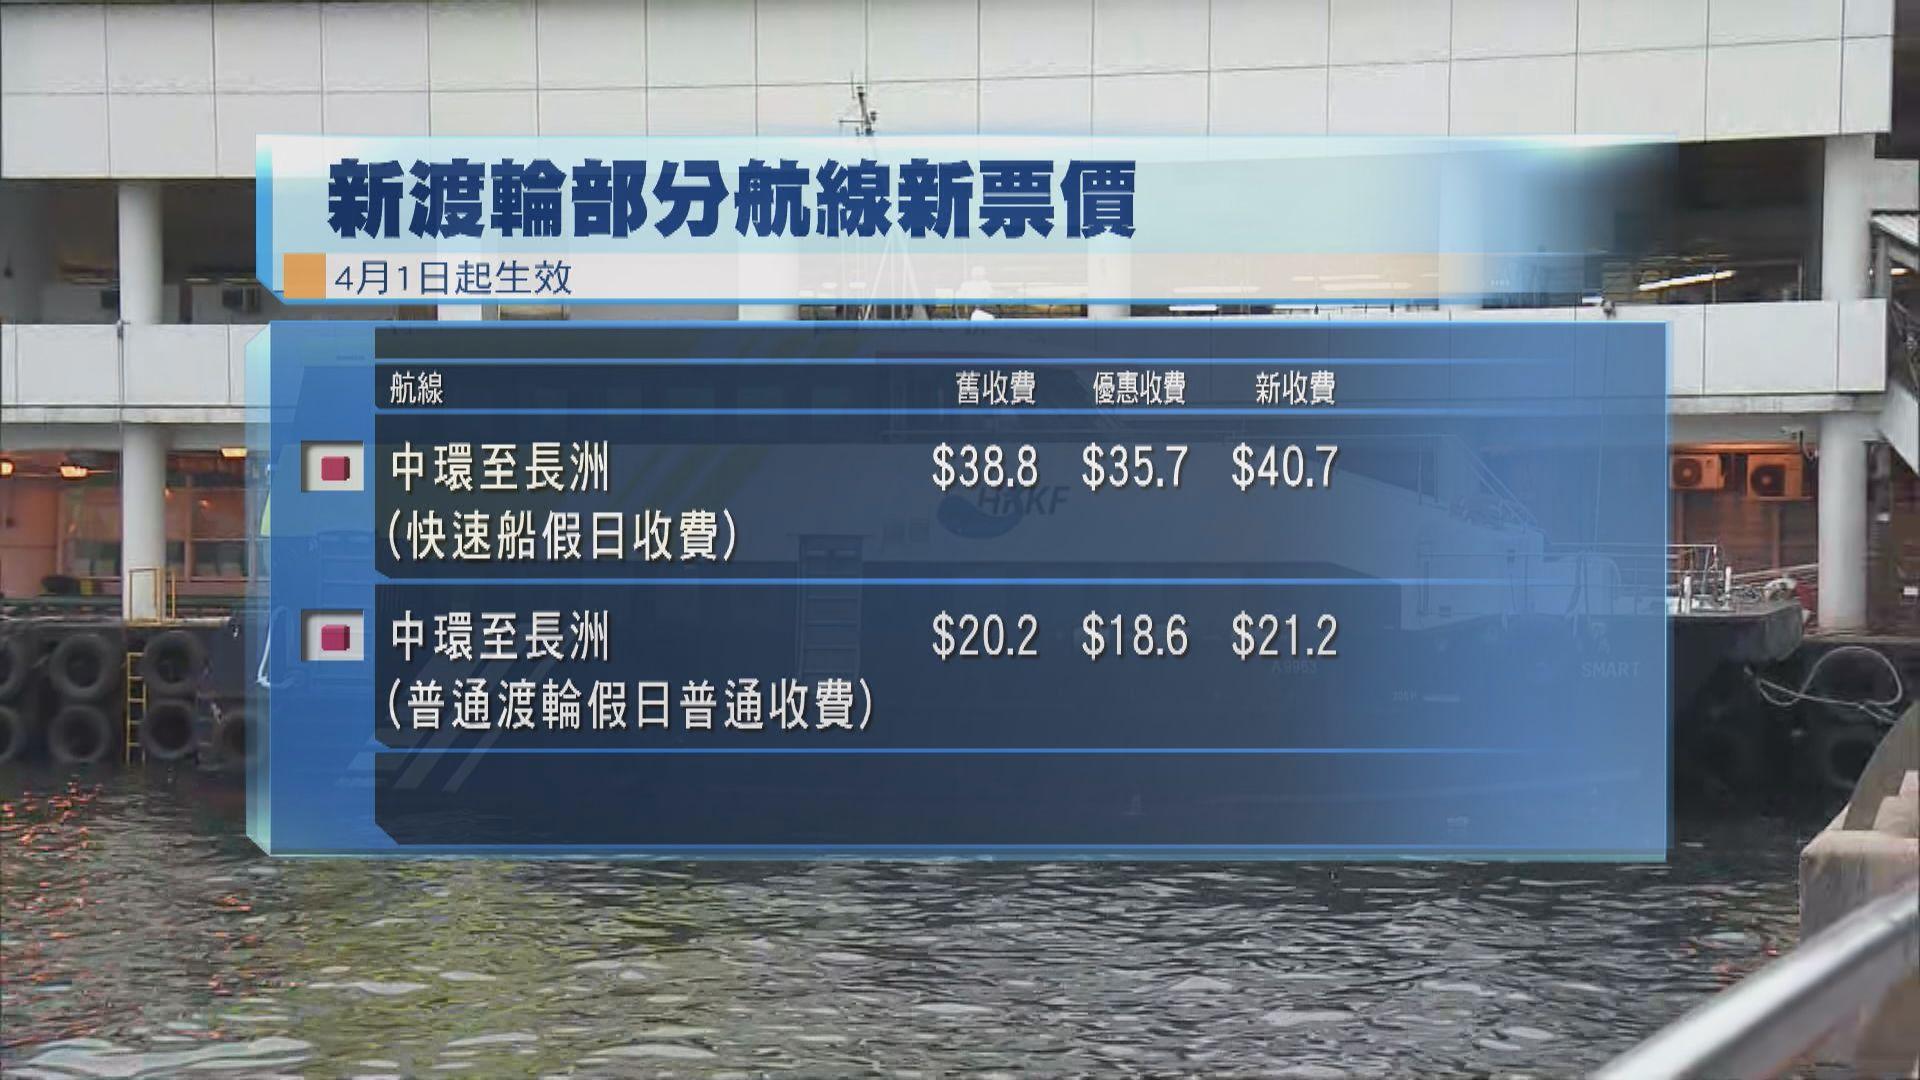 多條渡輪航線即日起加價 港鐵九五折取代八折優惠